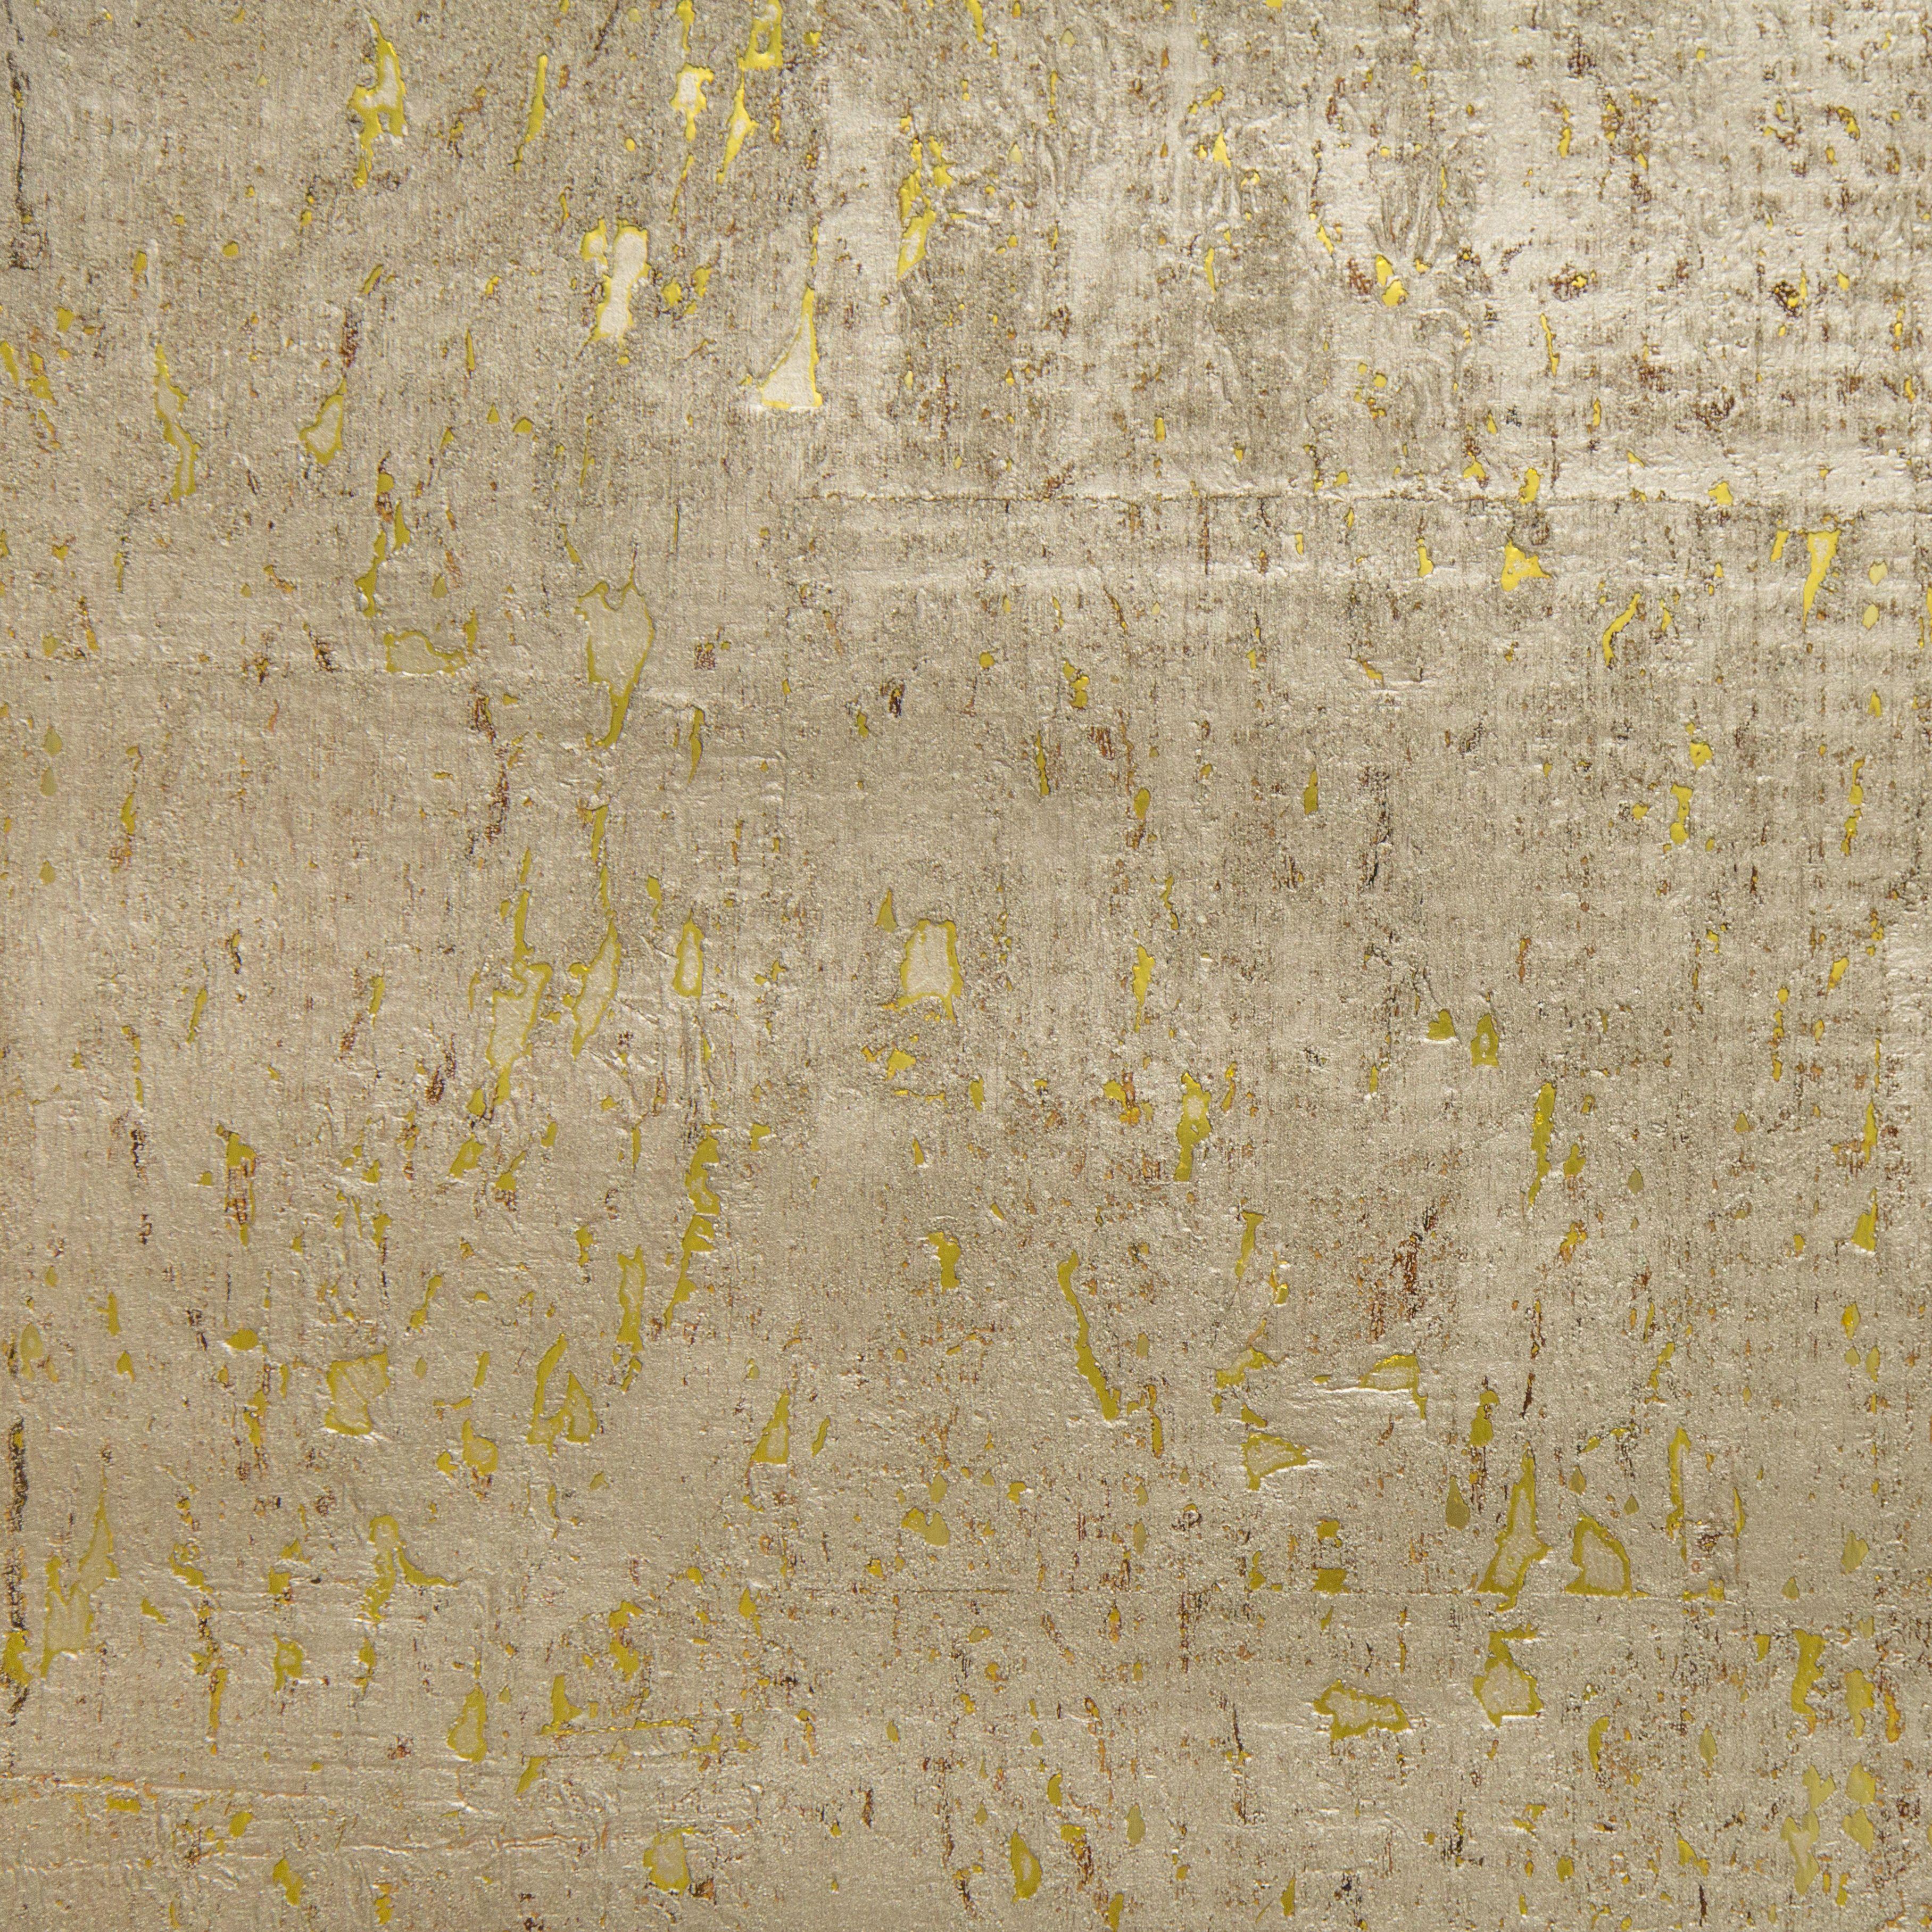 Kravet Design W349211 Kravet, Design, Asian wallpaper